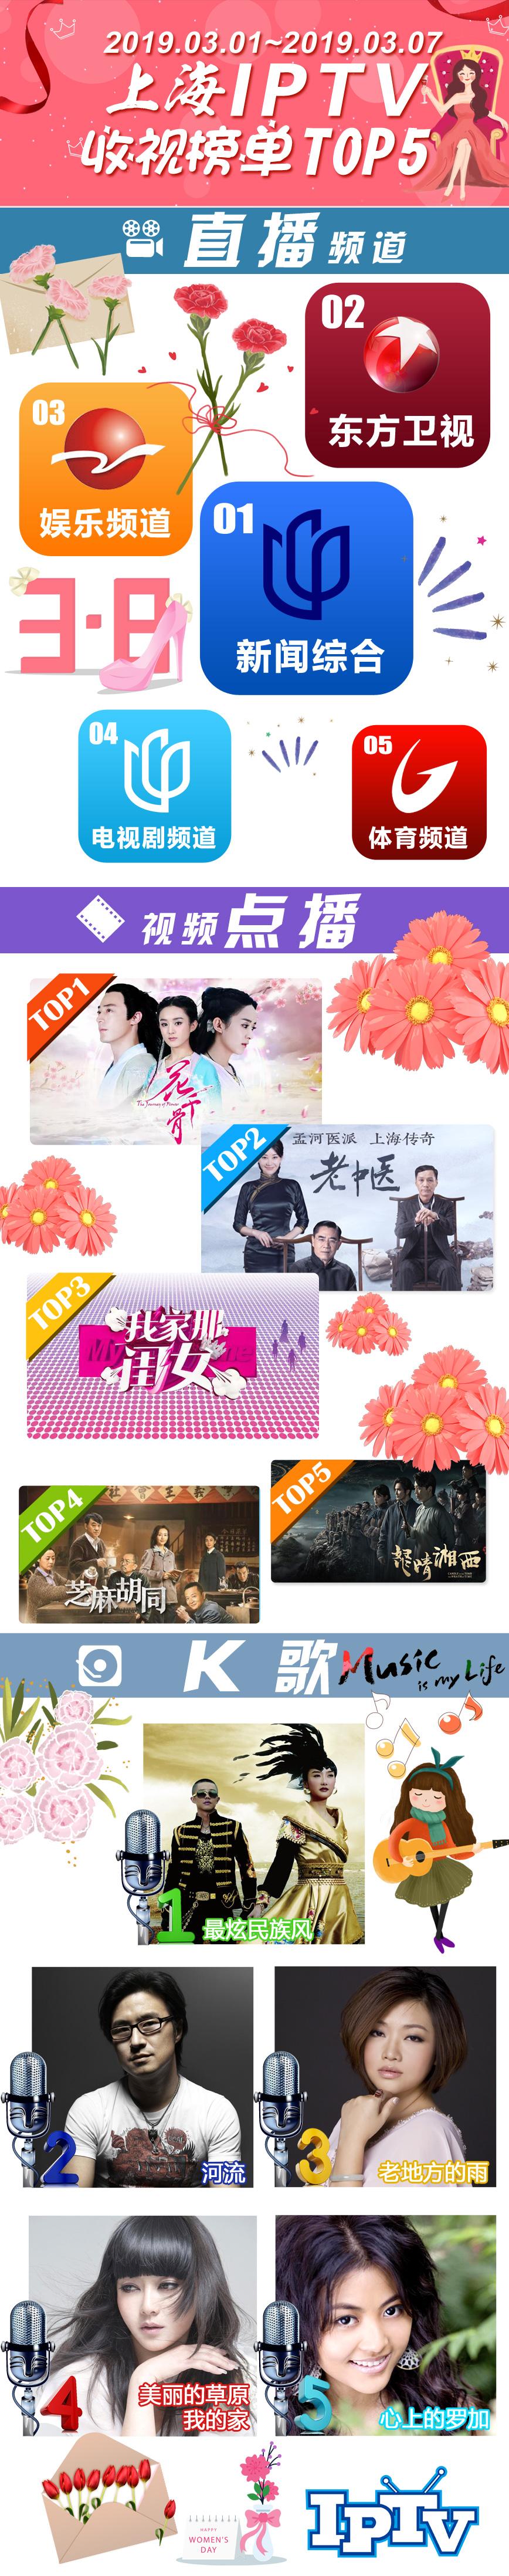 2019微博-上海IPTV收视榜单TOP5女神版.jpg